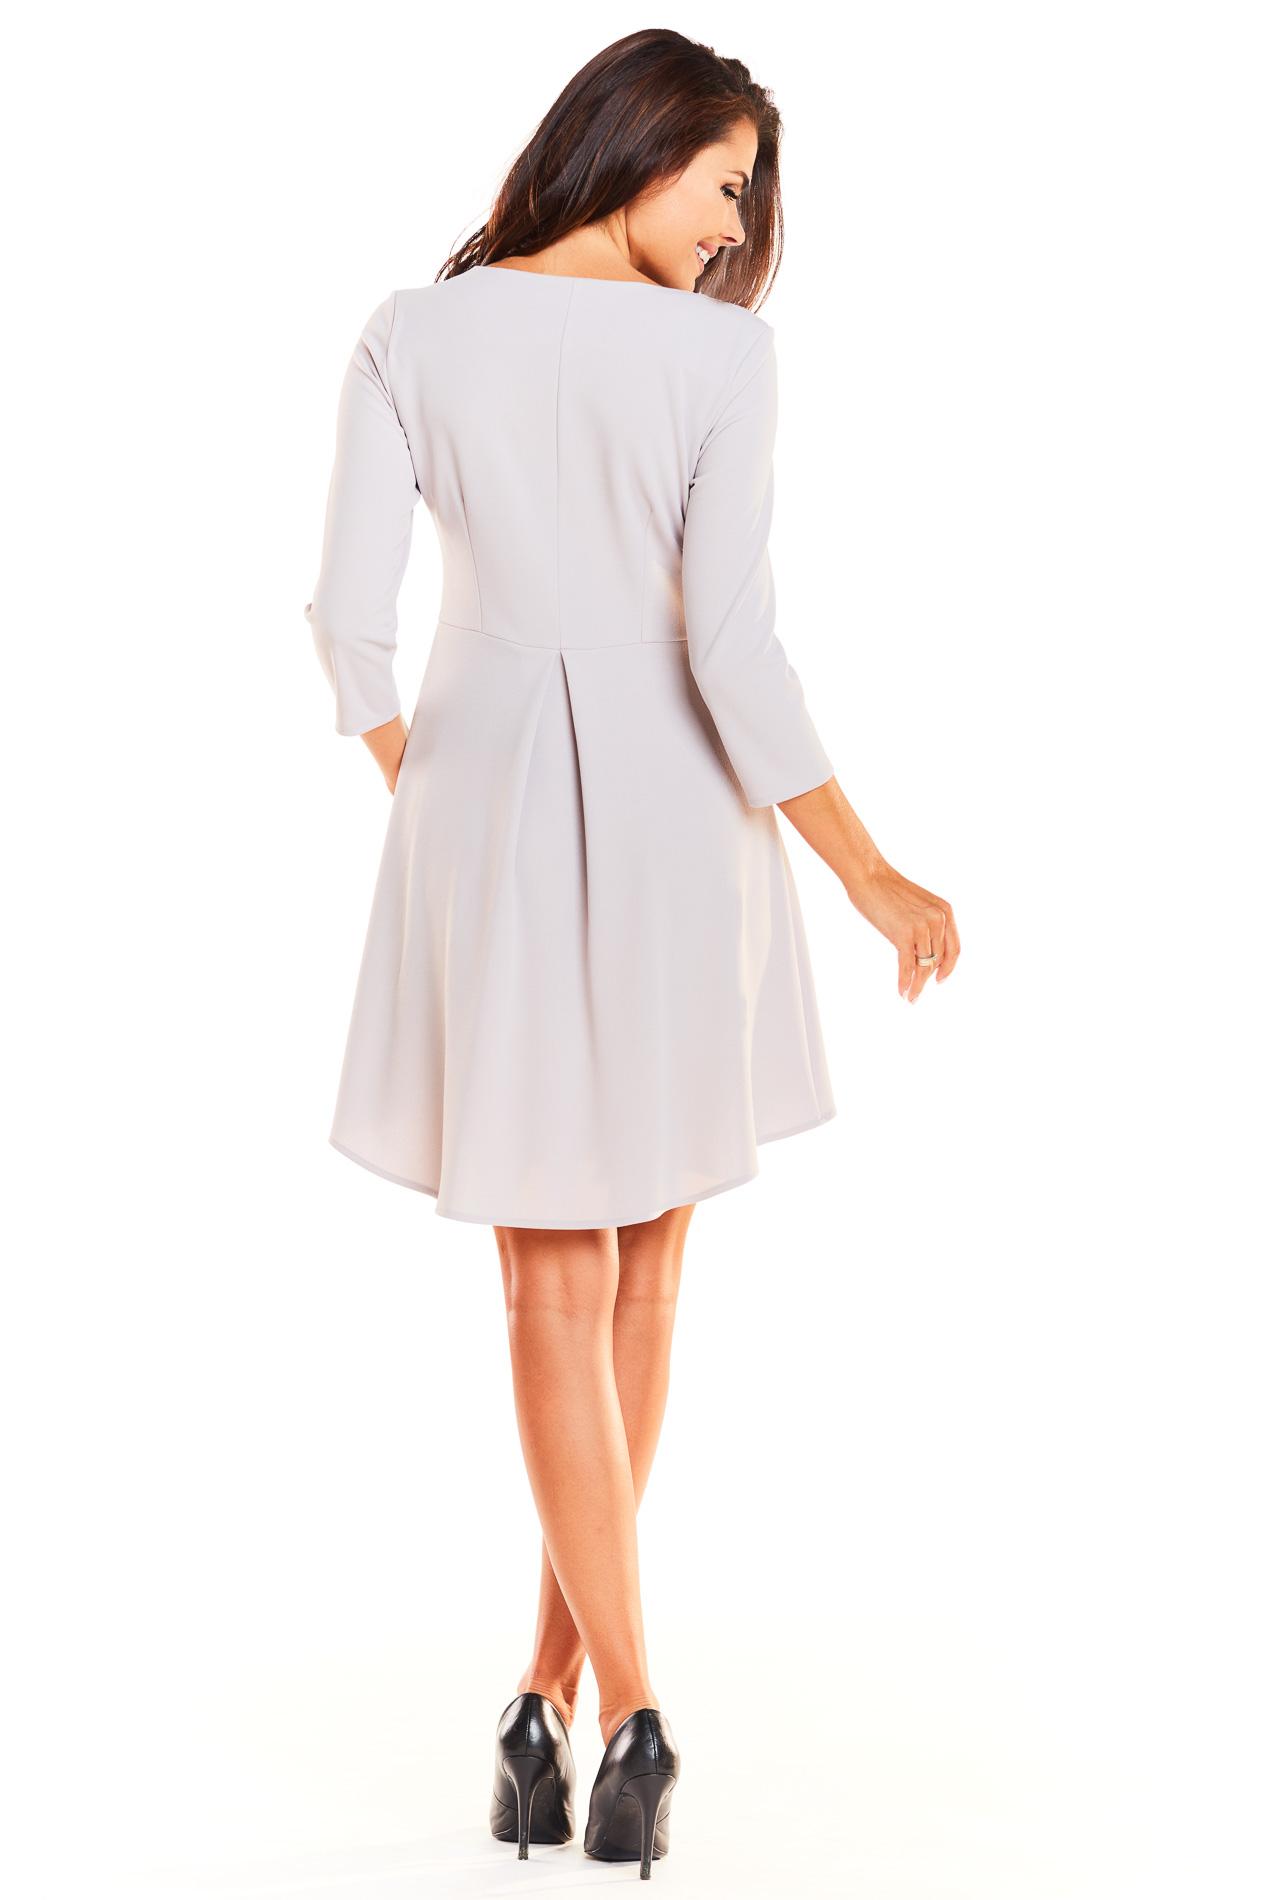 CM3926 Asymetryczna sukienka z rękawem 3/4 - szara